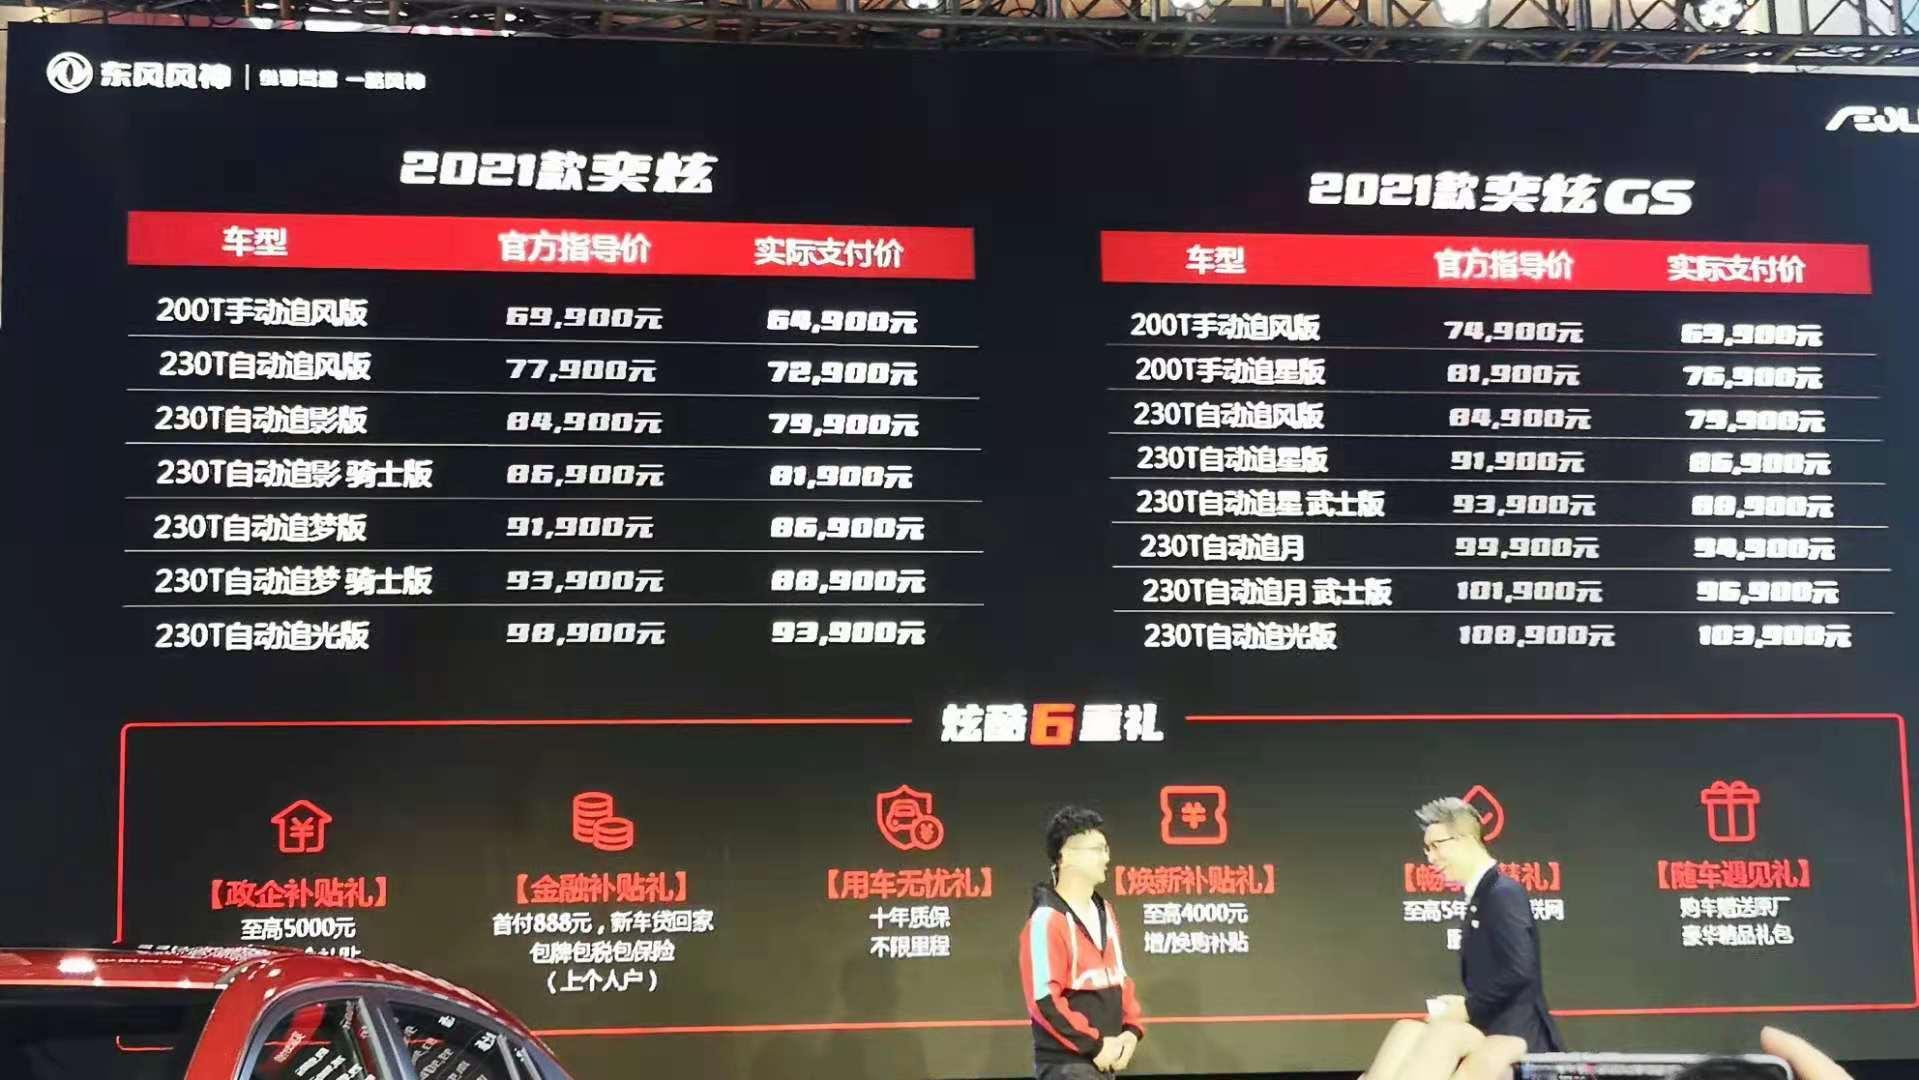 2021款东风风神奕炫GS正式上市 售价区间7.49万—10.89万